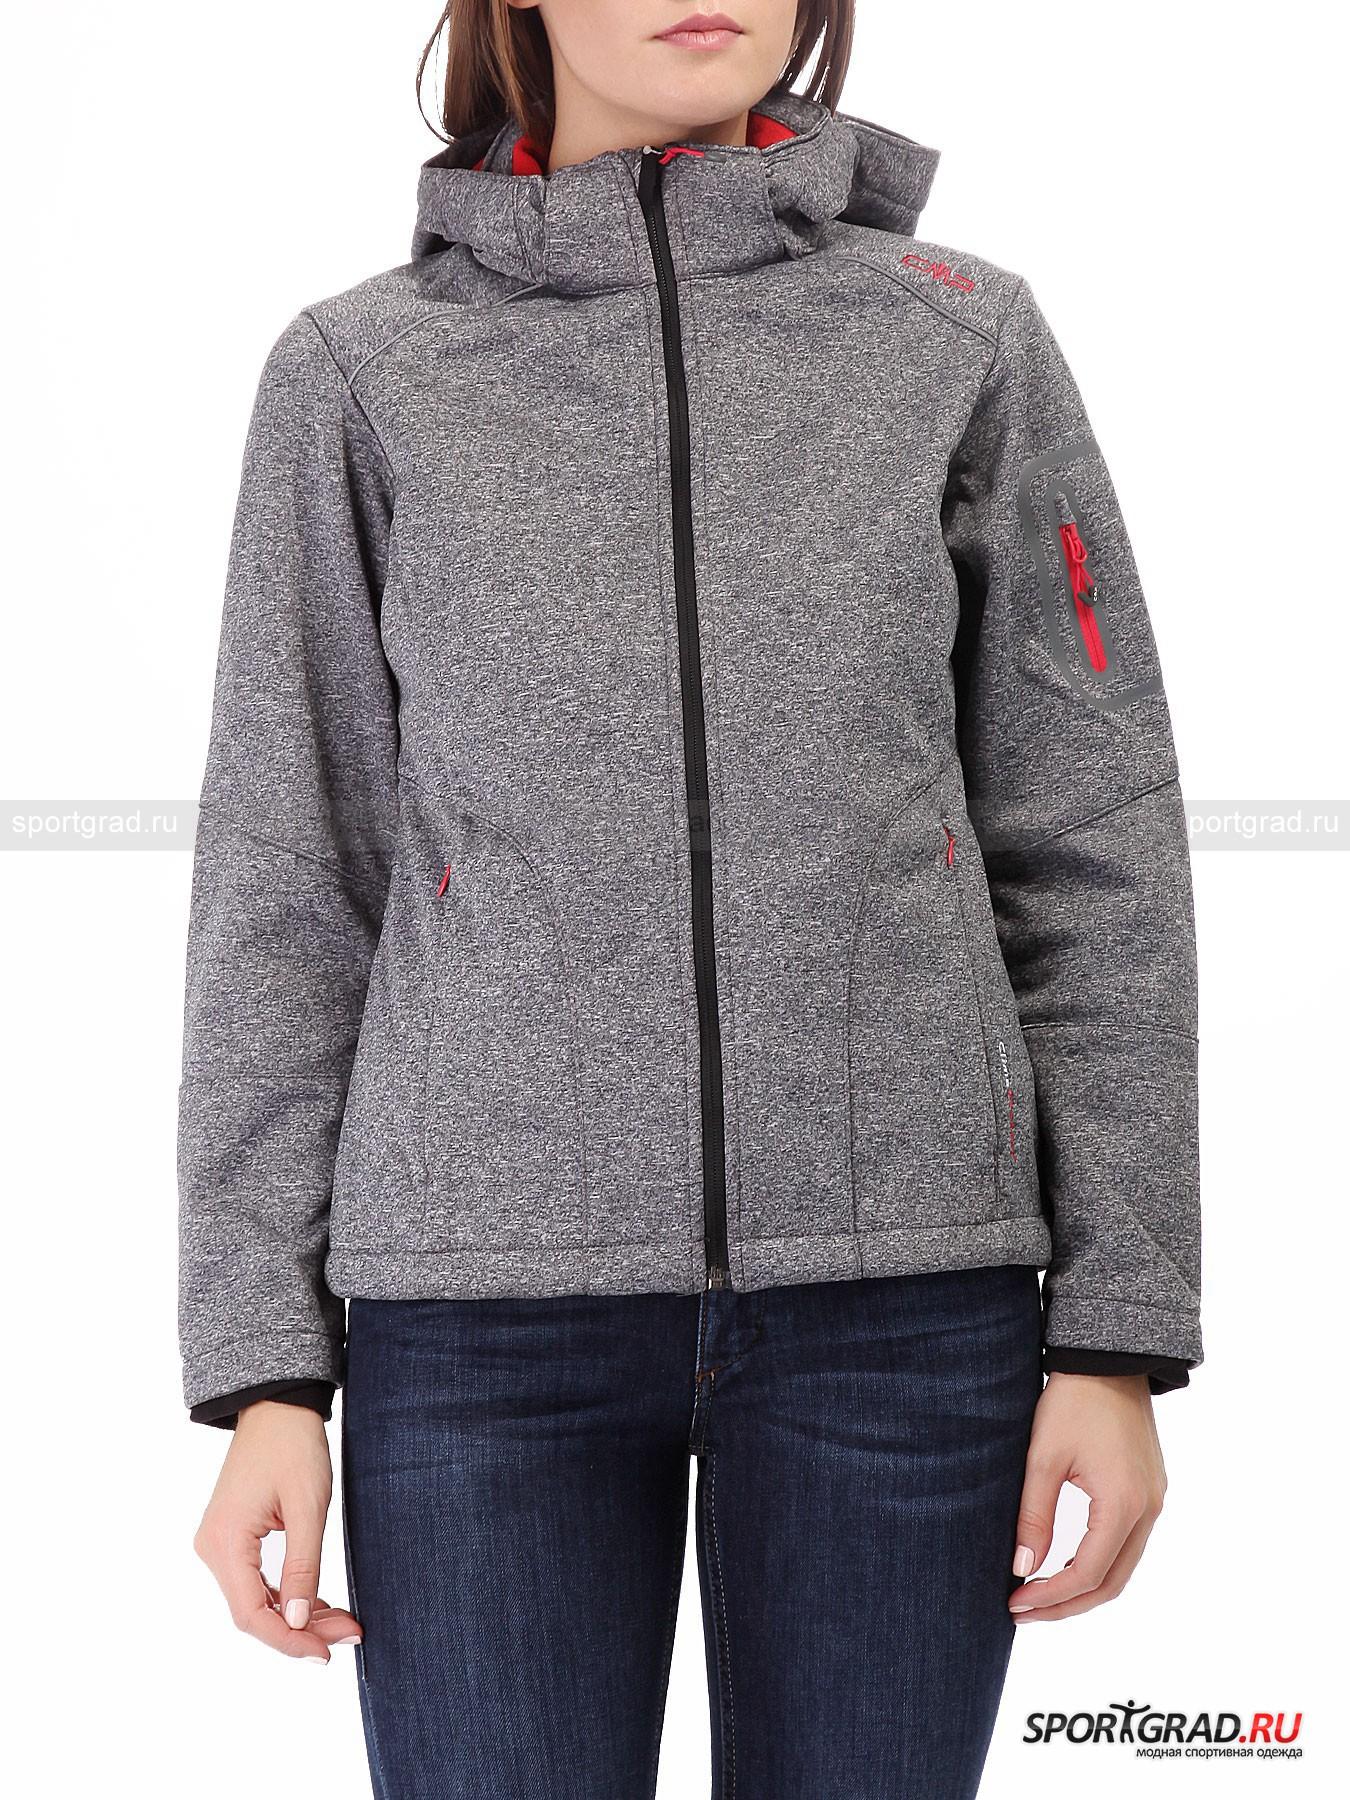 Куртка женская Softshell Jacket CAMPAGNOLOКуртки<br>Функциональная куртка Softshell Jacket CMP создана для защиты от неблагоприятных погодных условий, таких как осадки и сильный ветер. Специальный термослой, нанесенный между тканями, из которых изготовлено изделие, укрывает от непогоды и гарантирует высокую проницаемость, что обеспечивает максимальный комфорт и хорошее самочувствие при любых занятиях на открытом воздухе. Кроме того, эта куртка просто очень стильная и удобная.<br><br>Особенности модели:<br>- внутри флисовая подкладка;<br>- отстегивающийся капюшон с утяжками;<br>- воротник-стойка;<br>- молния по всей длине;<br>- светоотражающие элементы;<br>- два кармана на молниях;<br>- утяжка по низу изнутри;<br>- карман на рукаве;<br>- петля для подвешивания.<br><br>Пол: Женский<br>Возраст: Взрослый<br>Тип: Куртки<br>Рекомендации по уходу: деликатная стирка при температуре до 40 С; влажная химическая чистка: нельзя отбеливать, гладить; можно сушить в стиральной машине при низкой температуре<br>Состав: 100% полиэстер